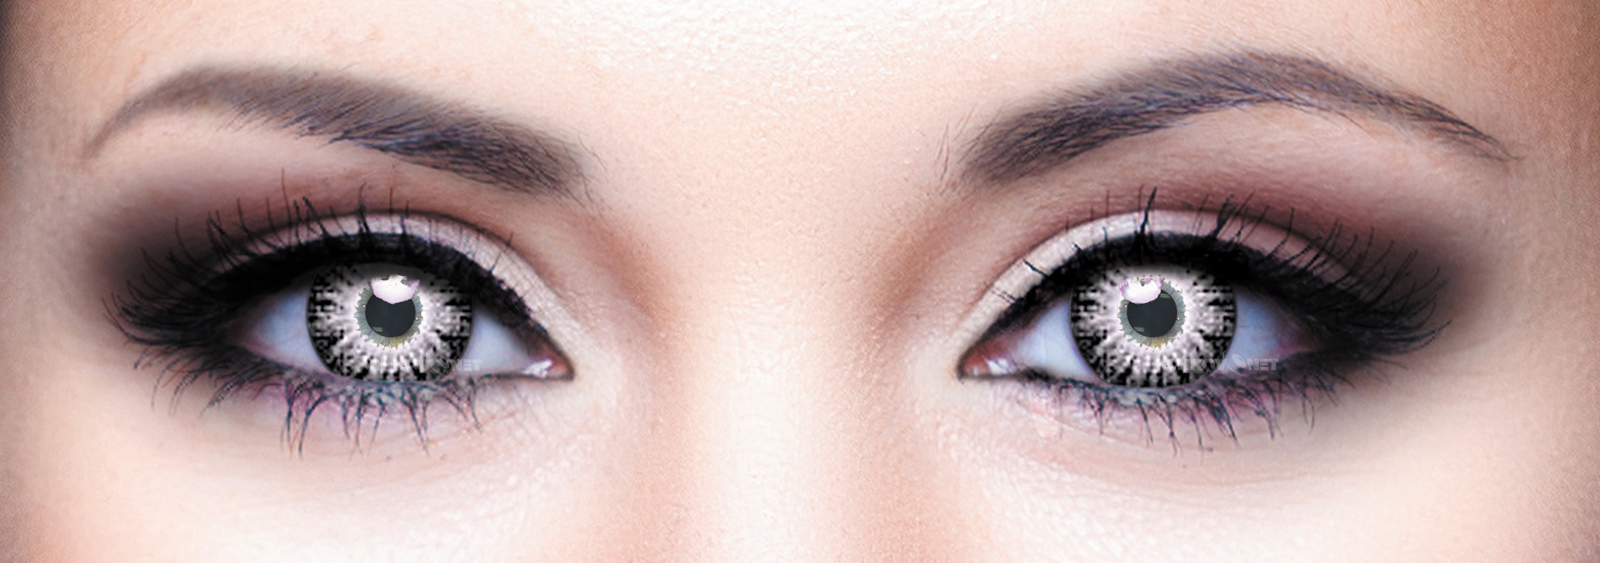 Контактные линзы Illusion Fashion Luxe Серый Grey (2 линзы)